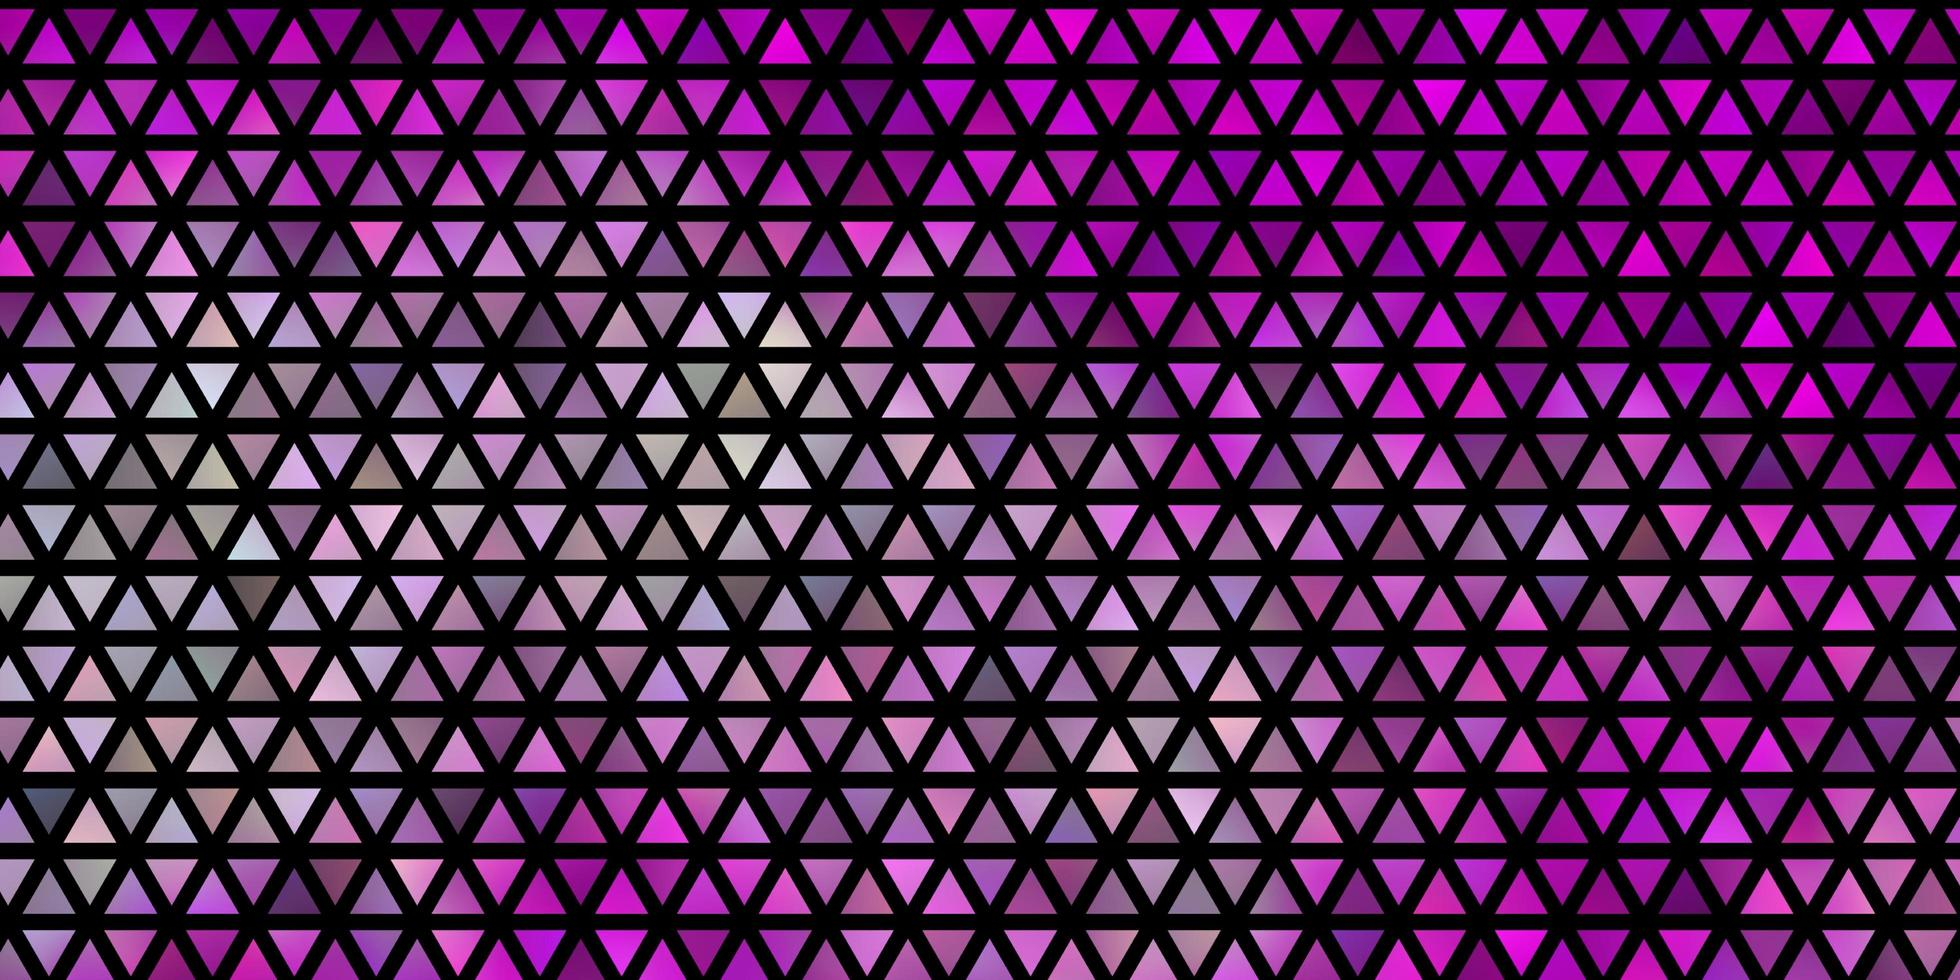 pano de fundo vector rosa claro roxo com linhas, triângulos.